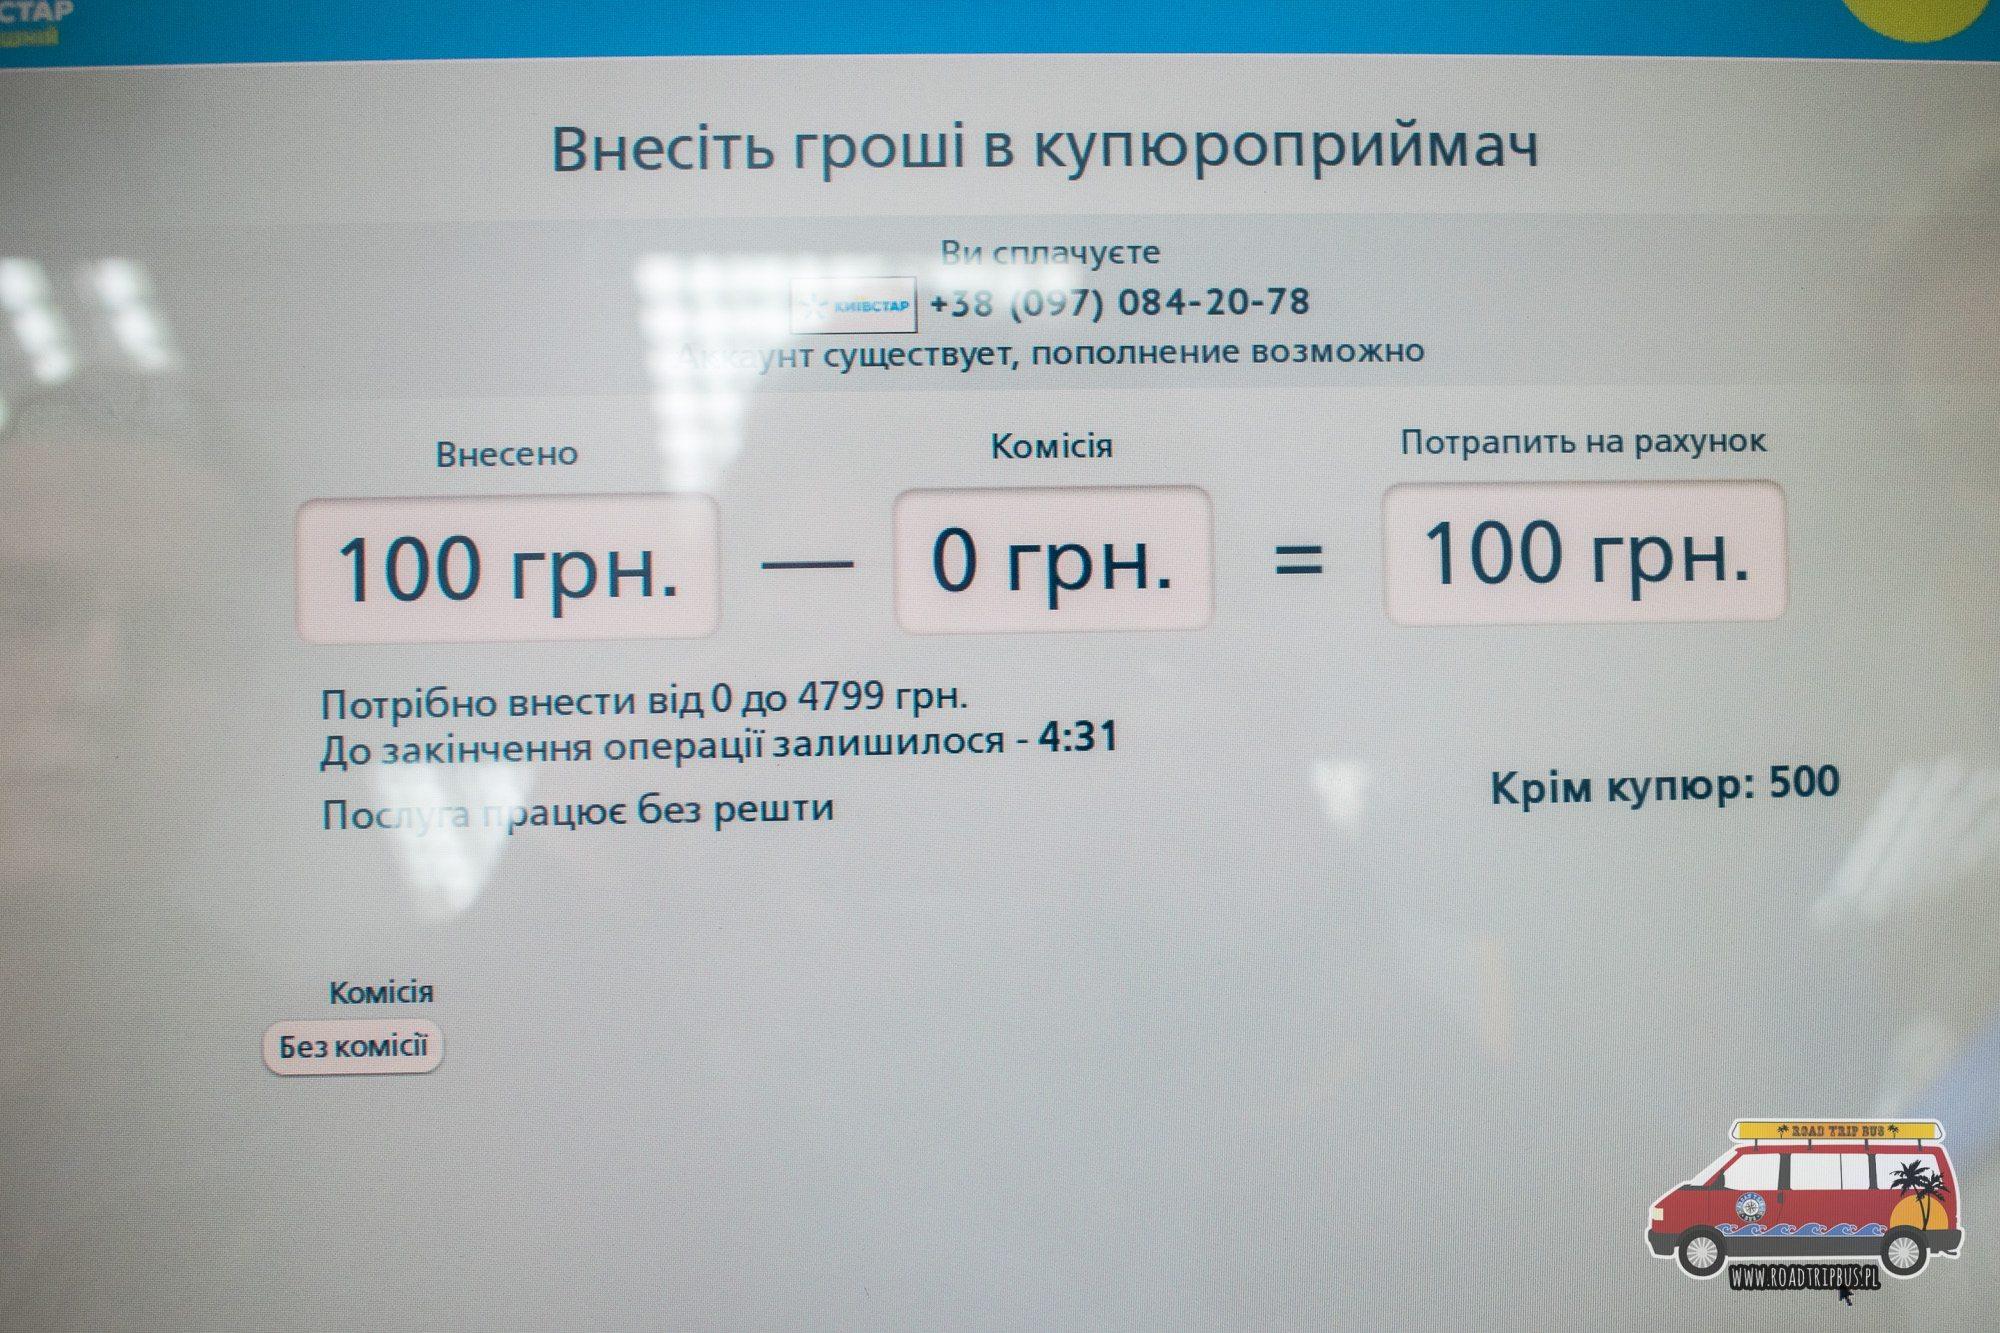 Jak Tanio Dzwonic Z Ukrainy Do Polski I Korzystac Z Internetu Na